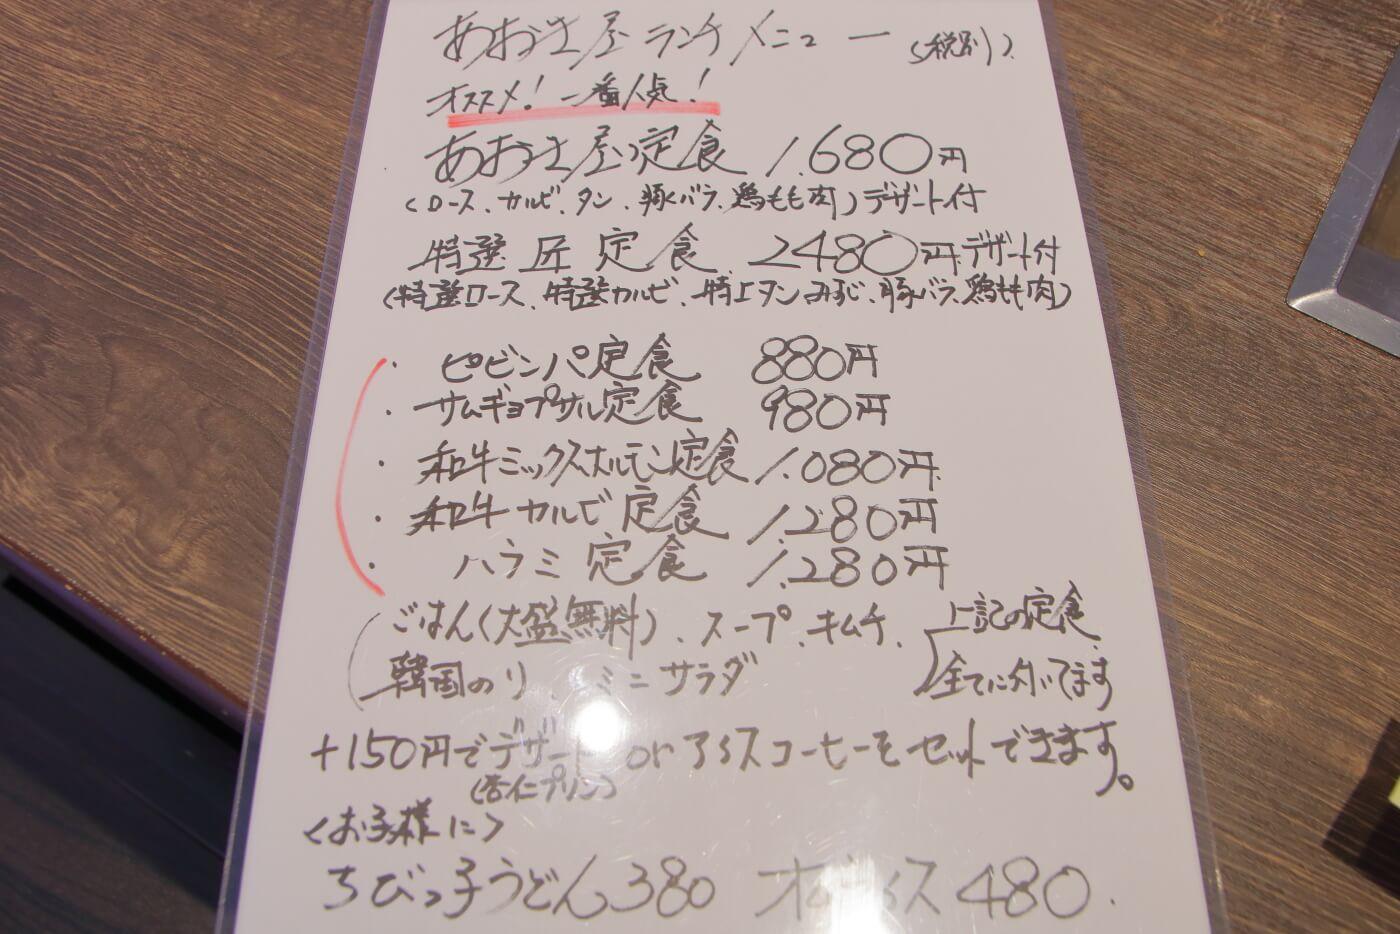 焼肉あおき屋 土佐道路店 ランチメニュー